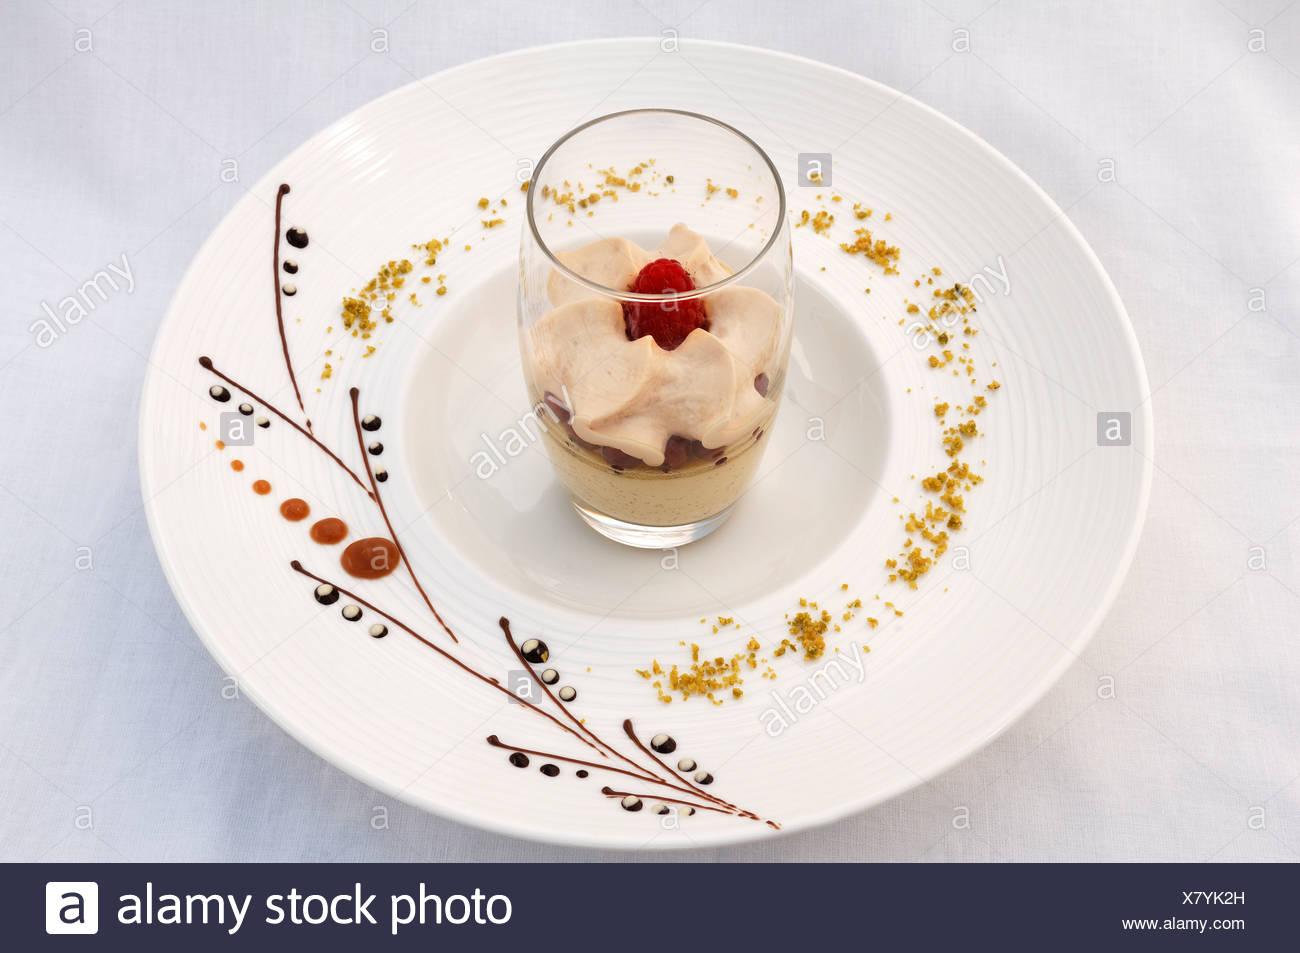 Dessert, latte macchiato mousse on a decorated plate, haute cuisine, Auberge de la Ferme Hueb, Mike Germershausen, Marckolsheim - Stock Image